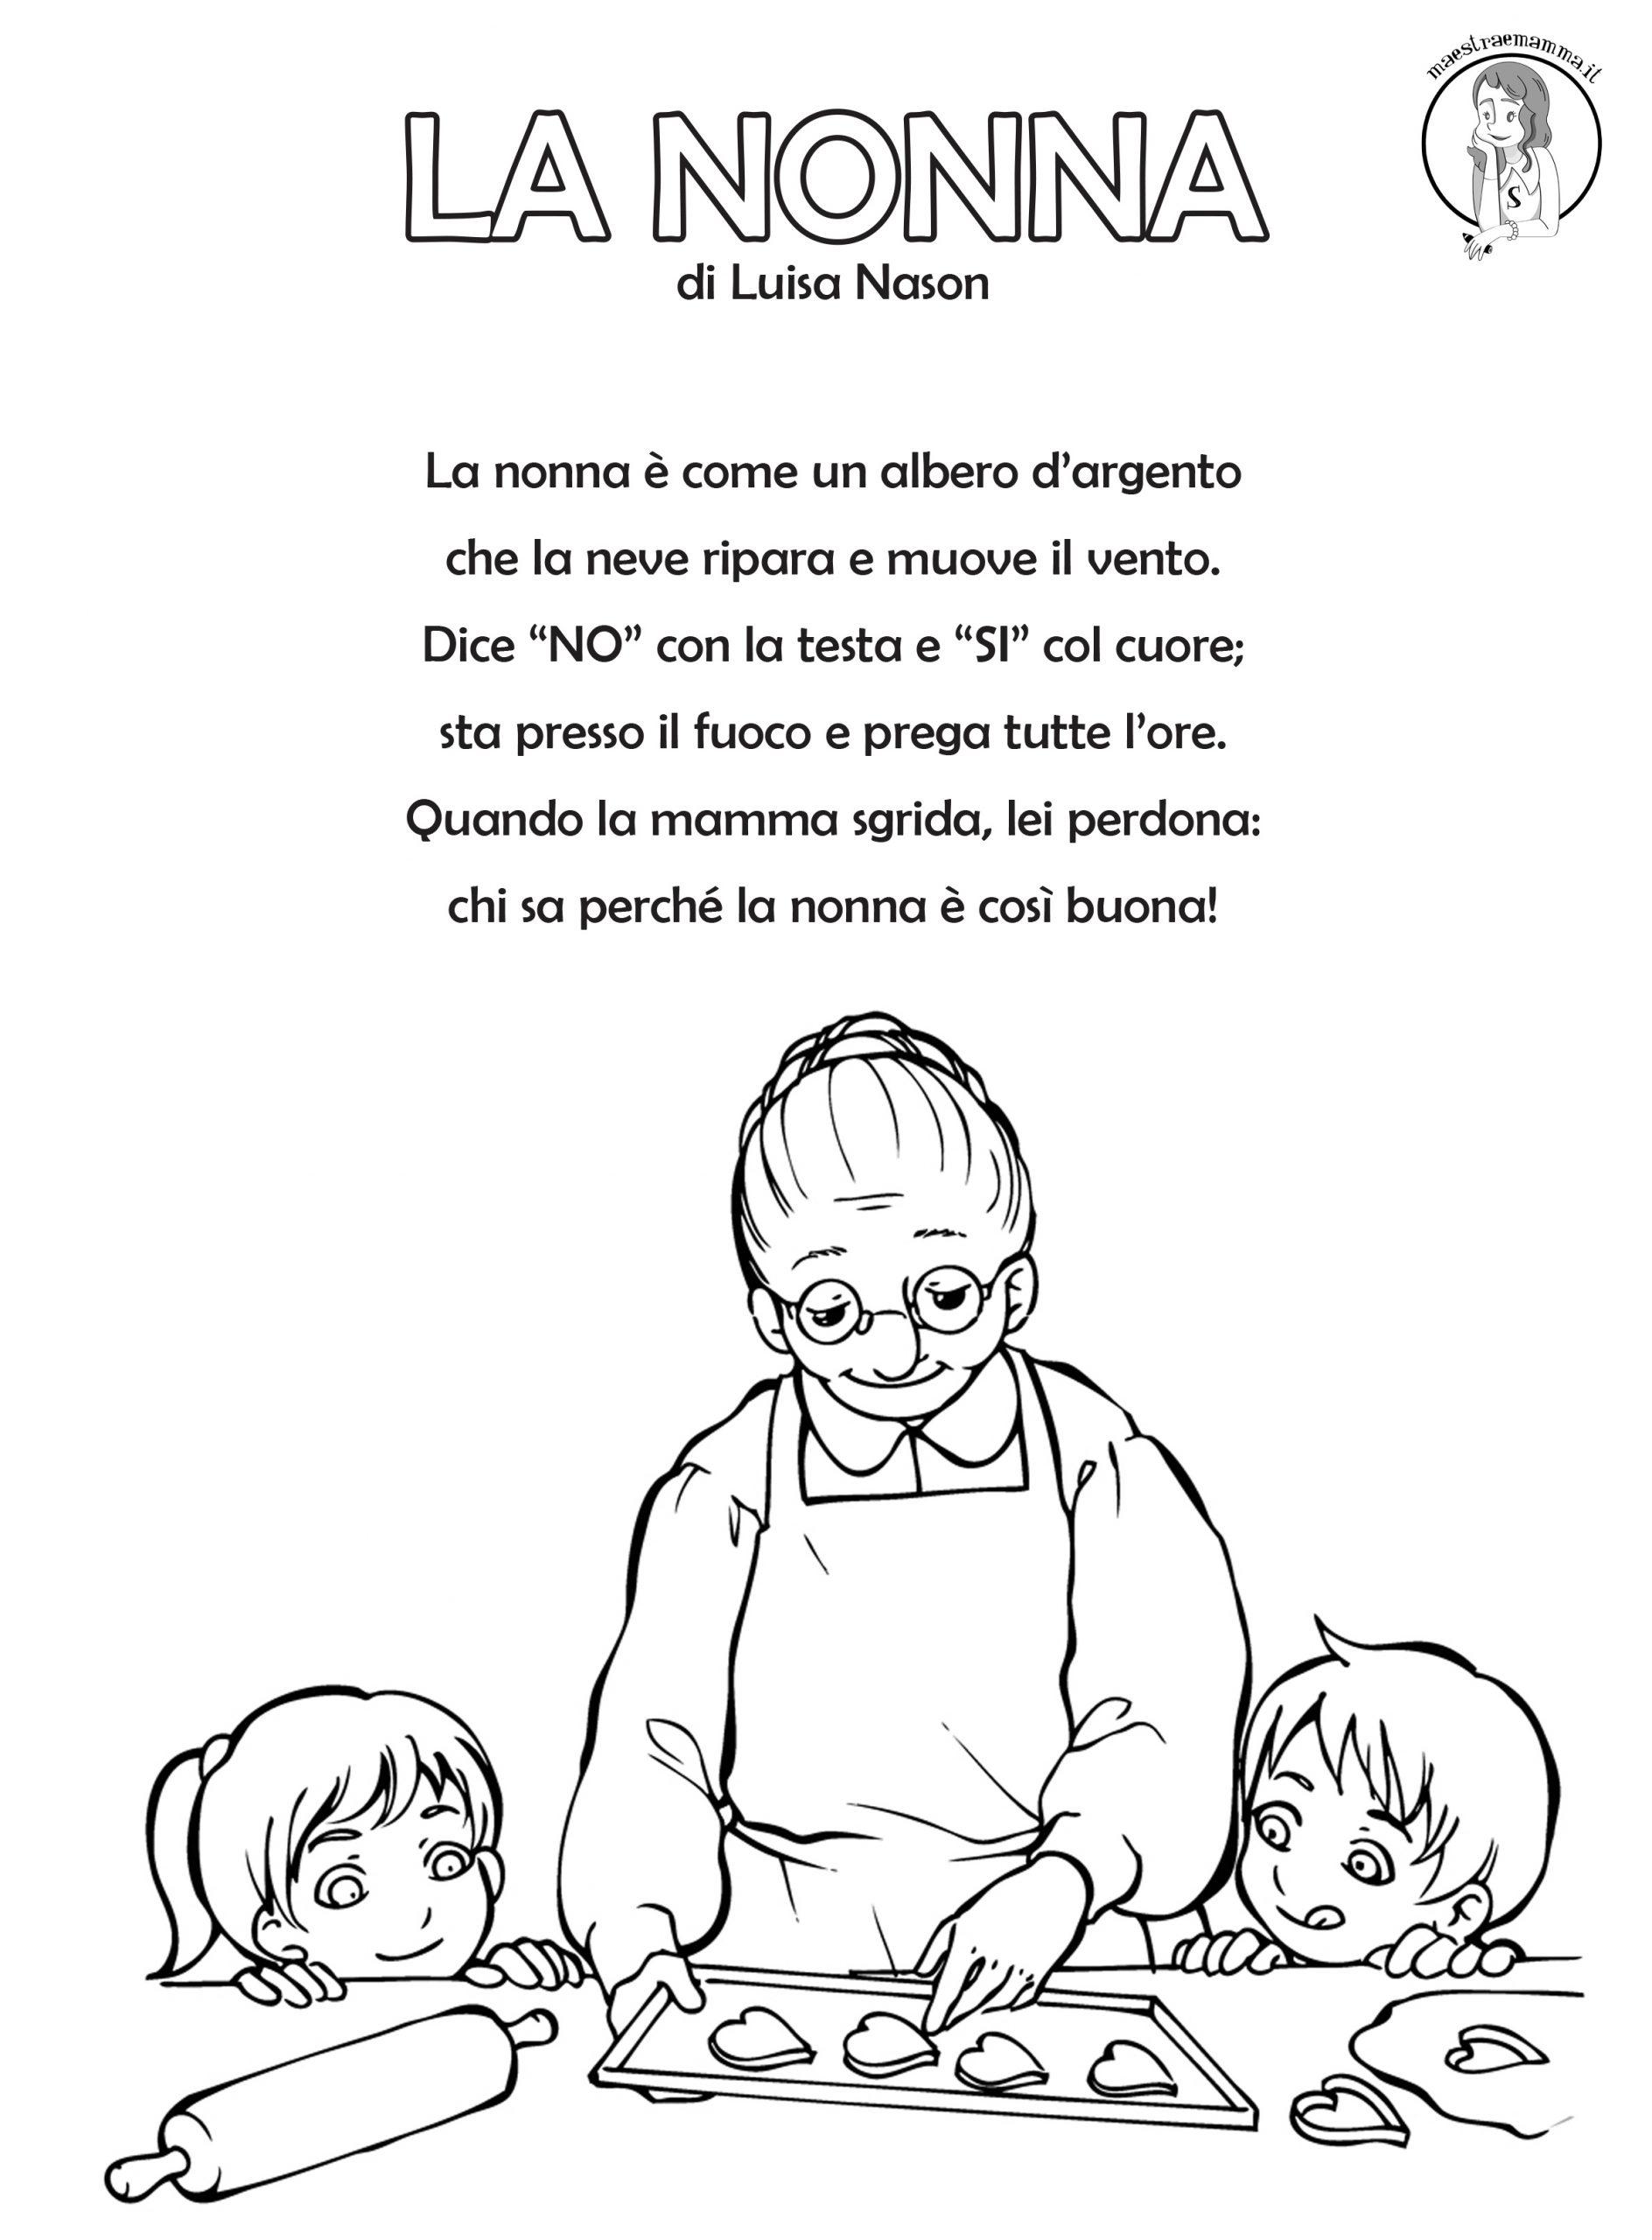 LA nonna poesia festa dei nonni 2 ottobre